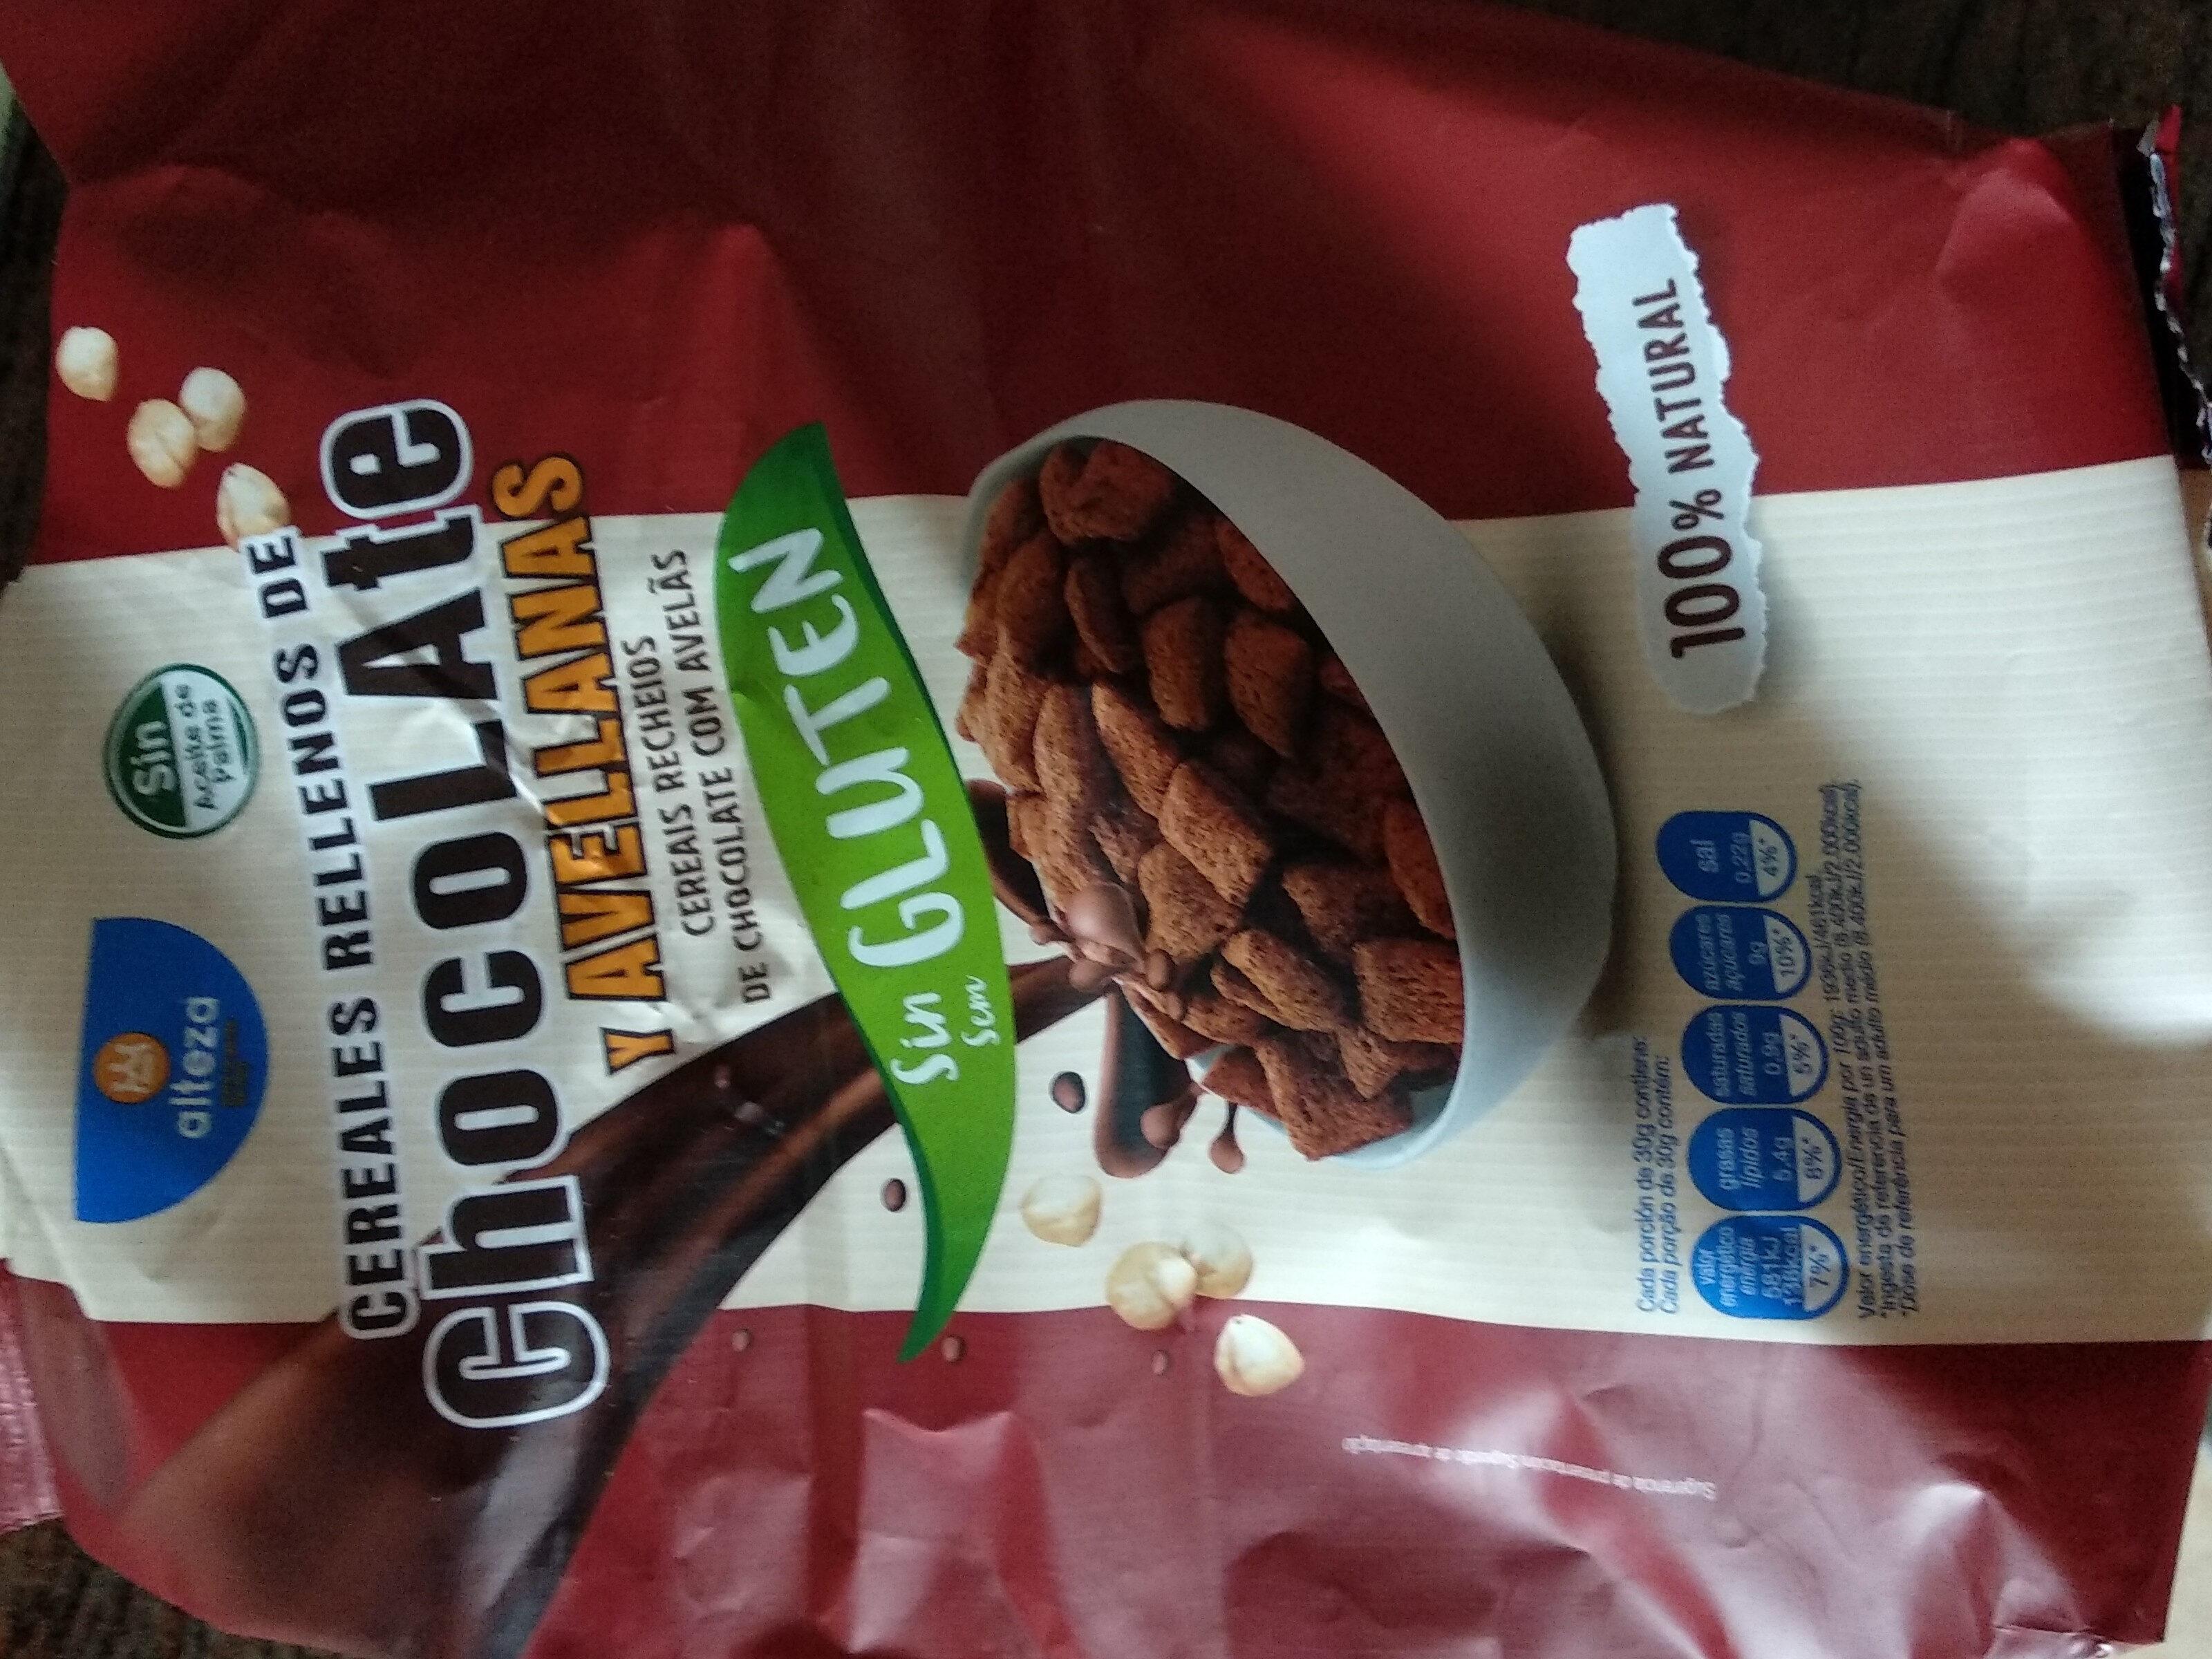 Cereales rellenos de chocolate y avellanas - Producto - es